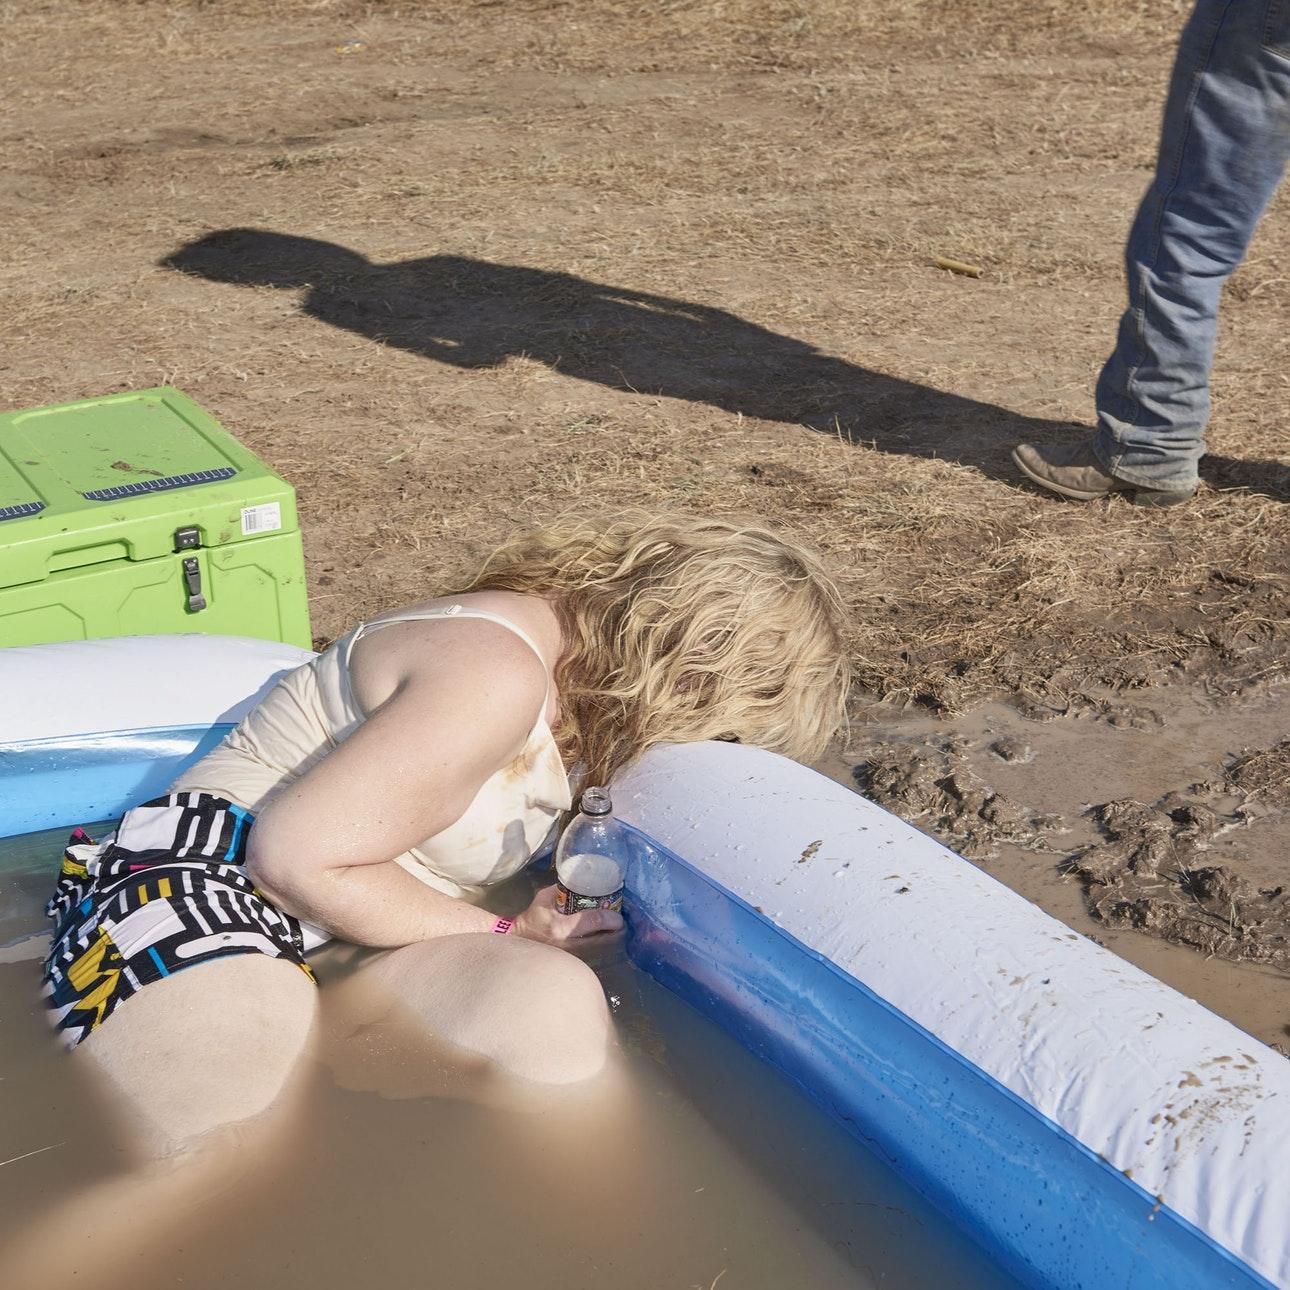 Пьяные холостяцкие вечеринки провинциальной Австралии (30 фото)